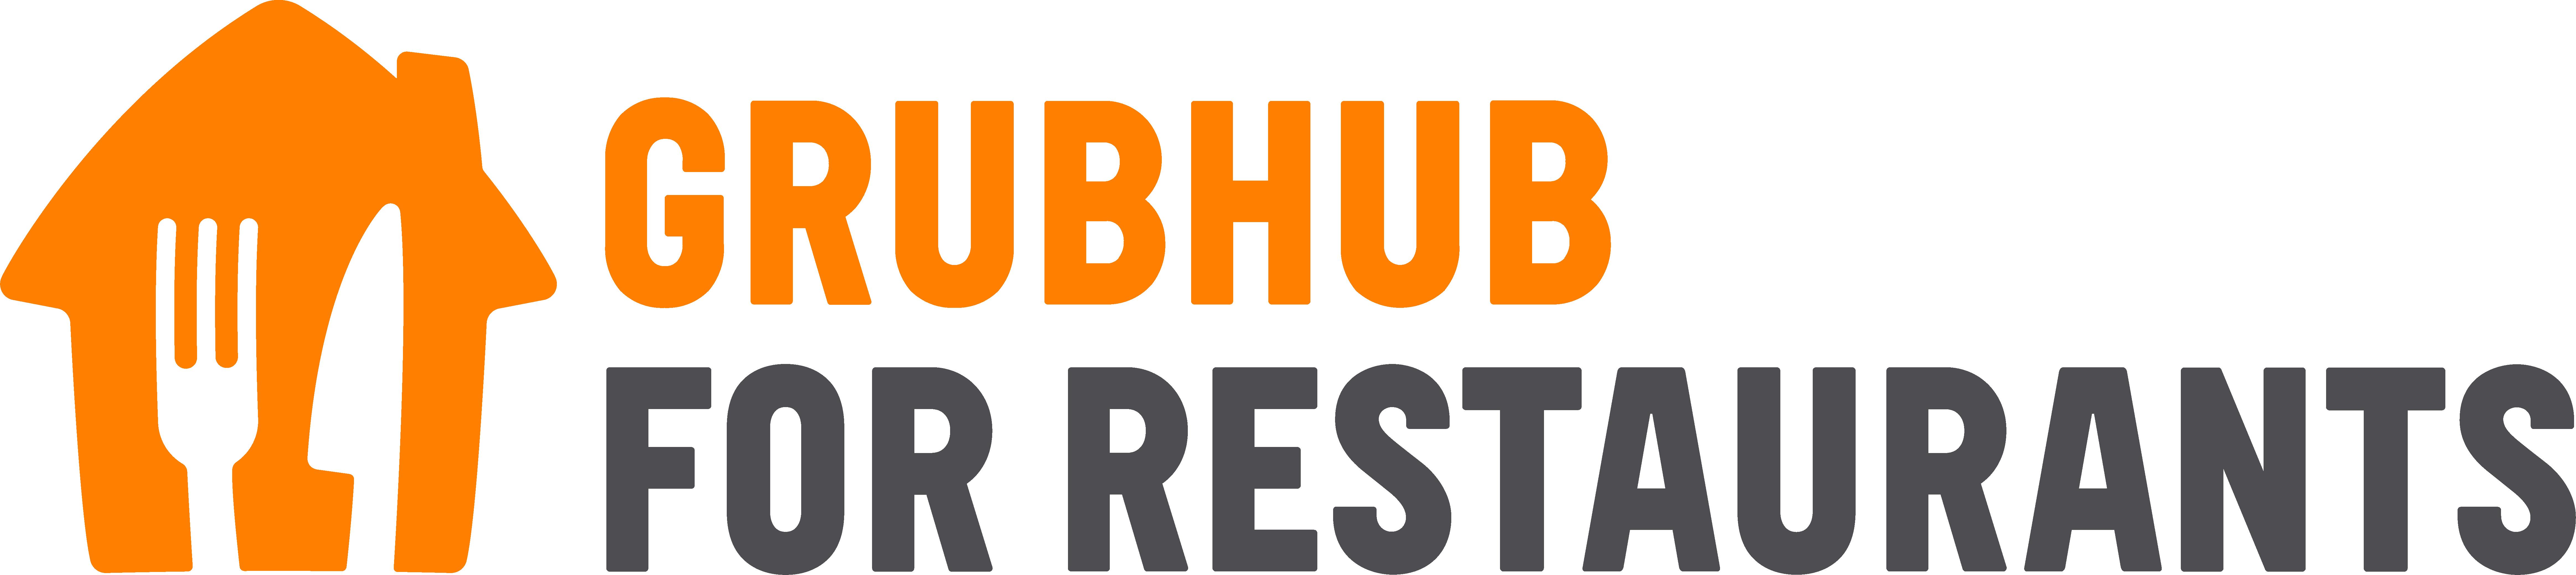 Grubhub for Restaurants